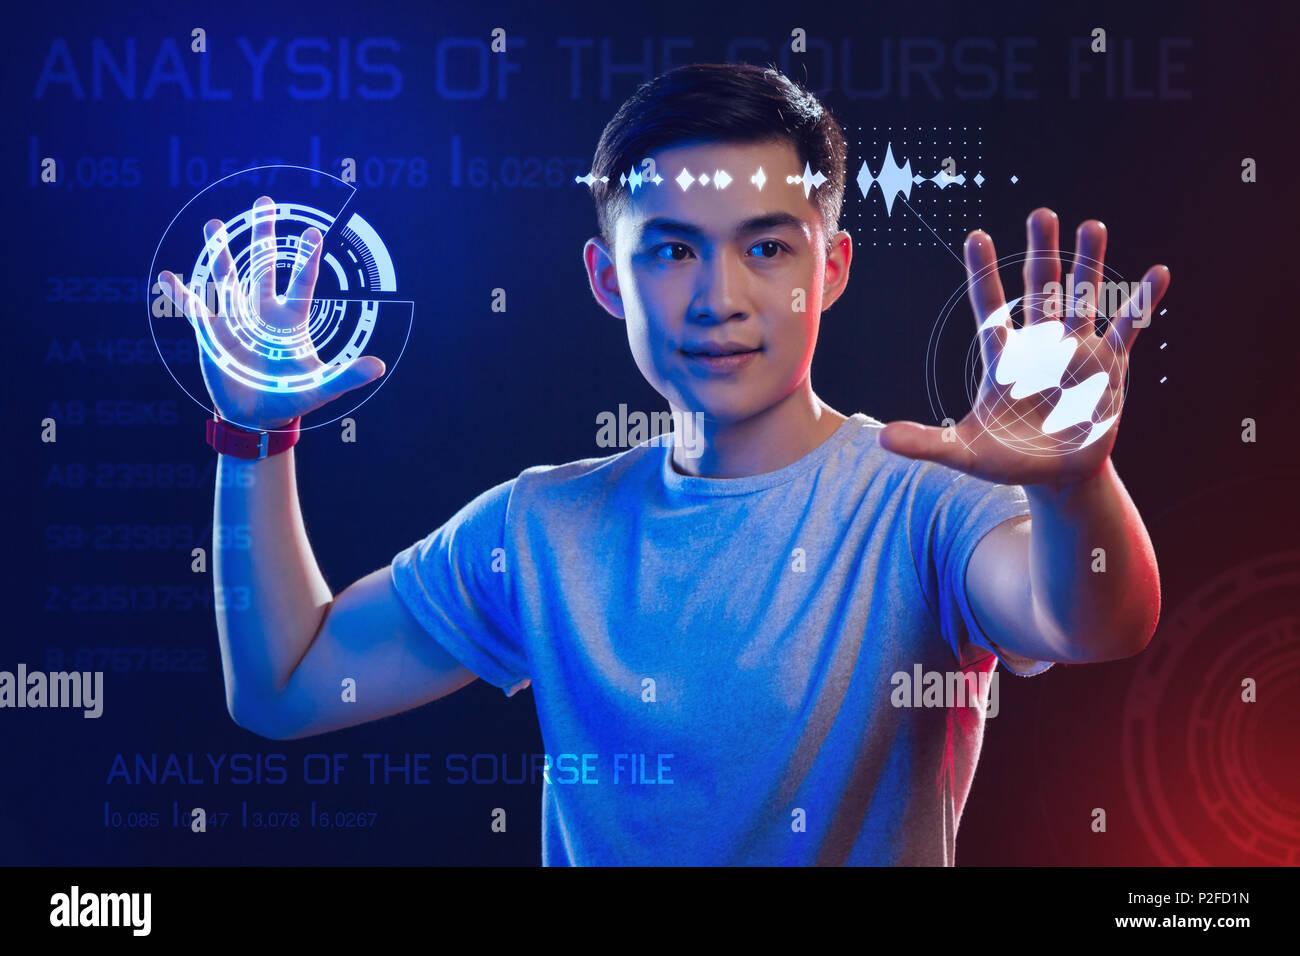 Desarrollador web profesional utilizando hologramas mientras trabaja Imagen De Stock